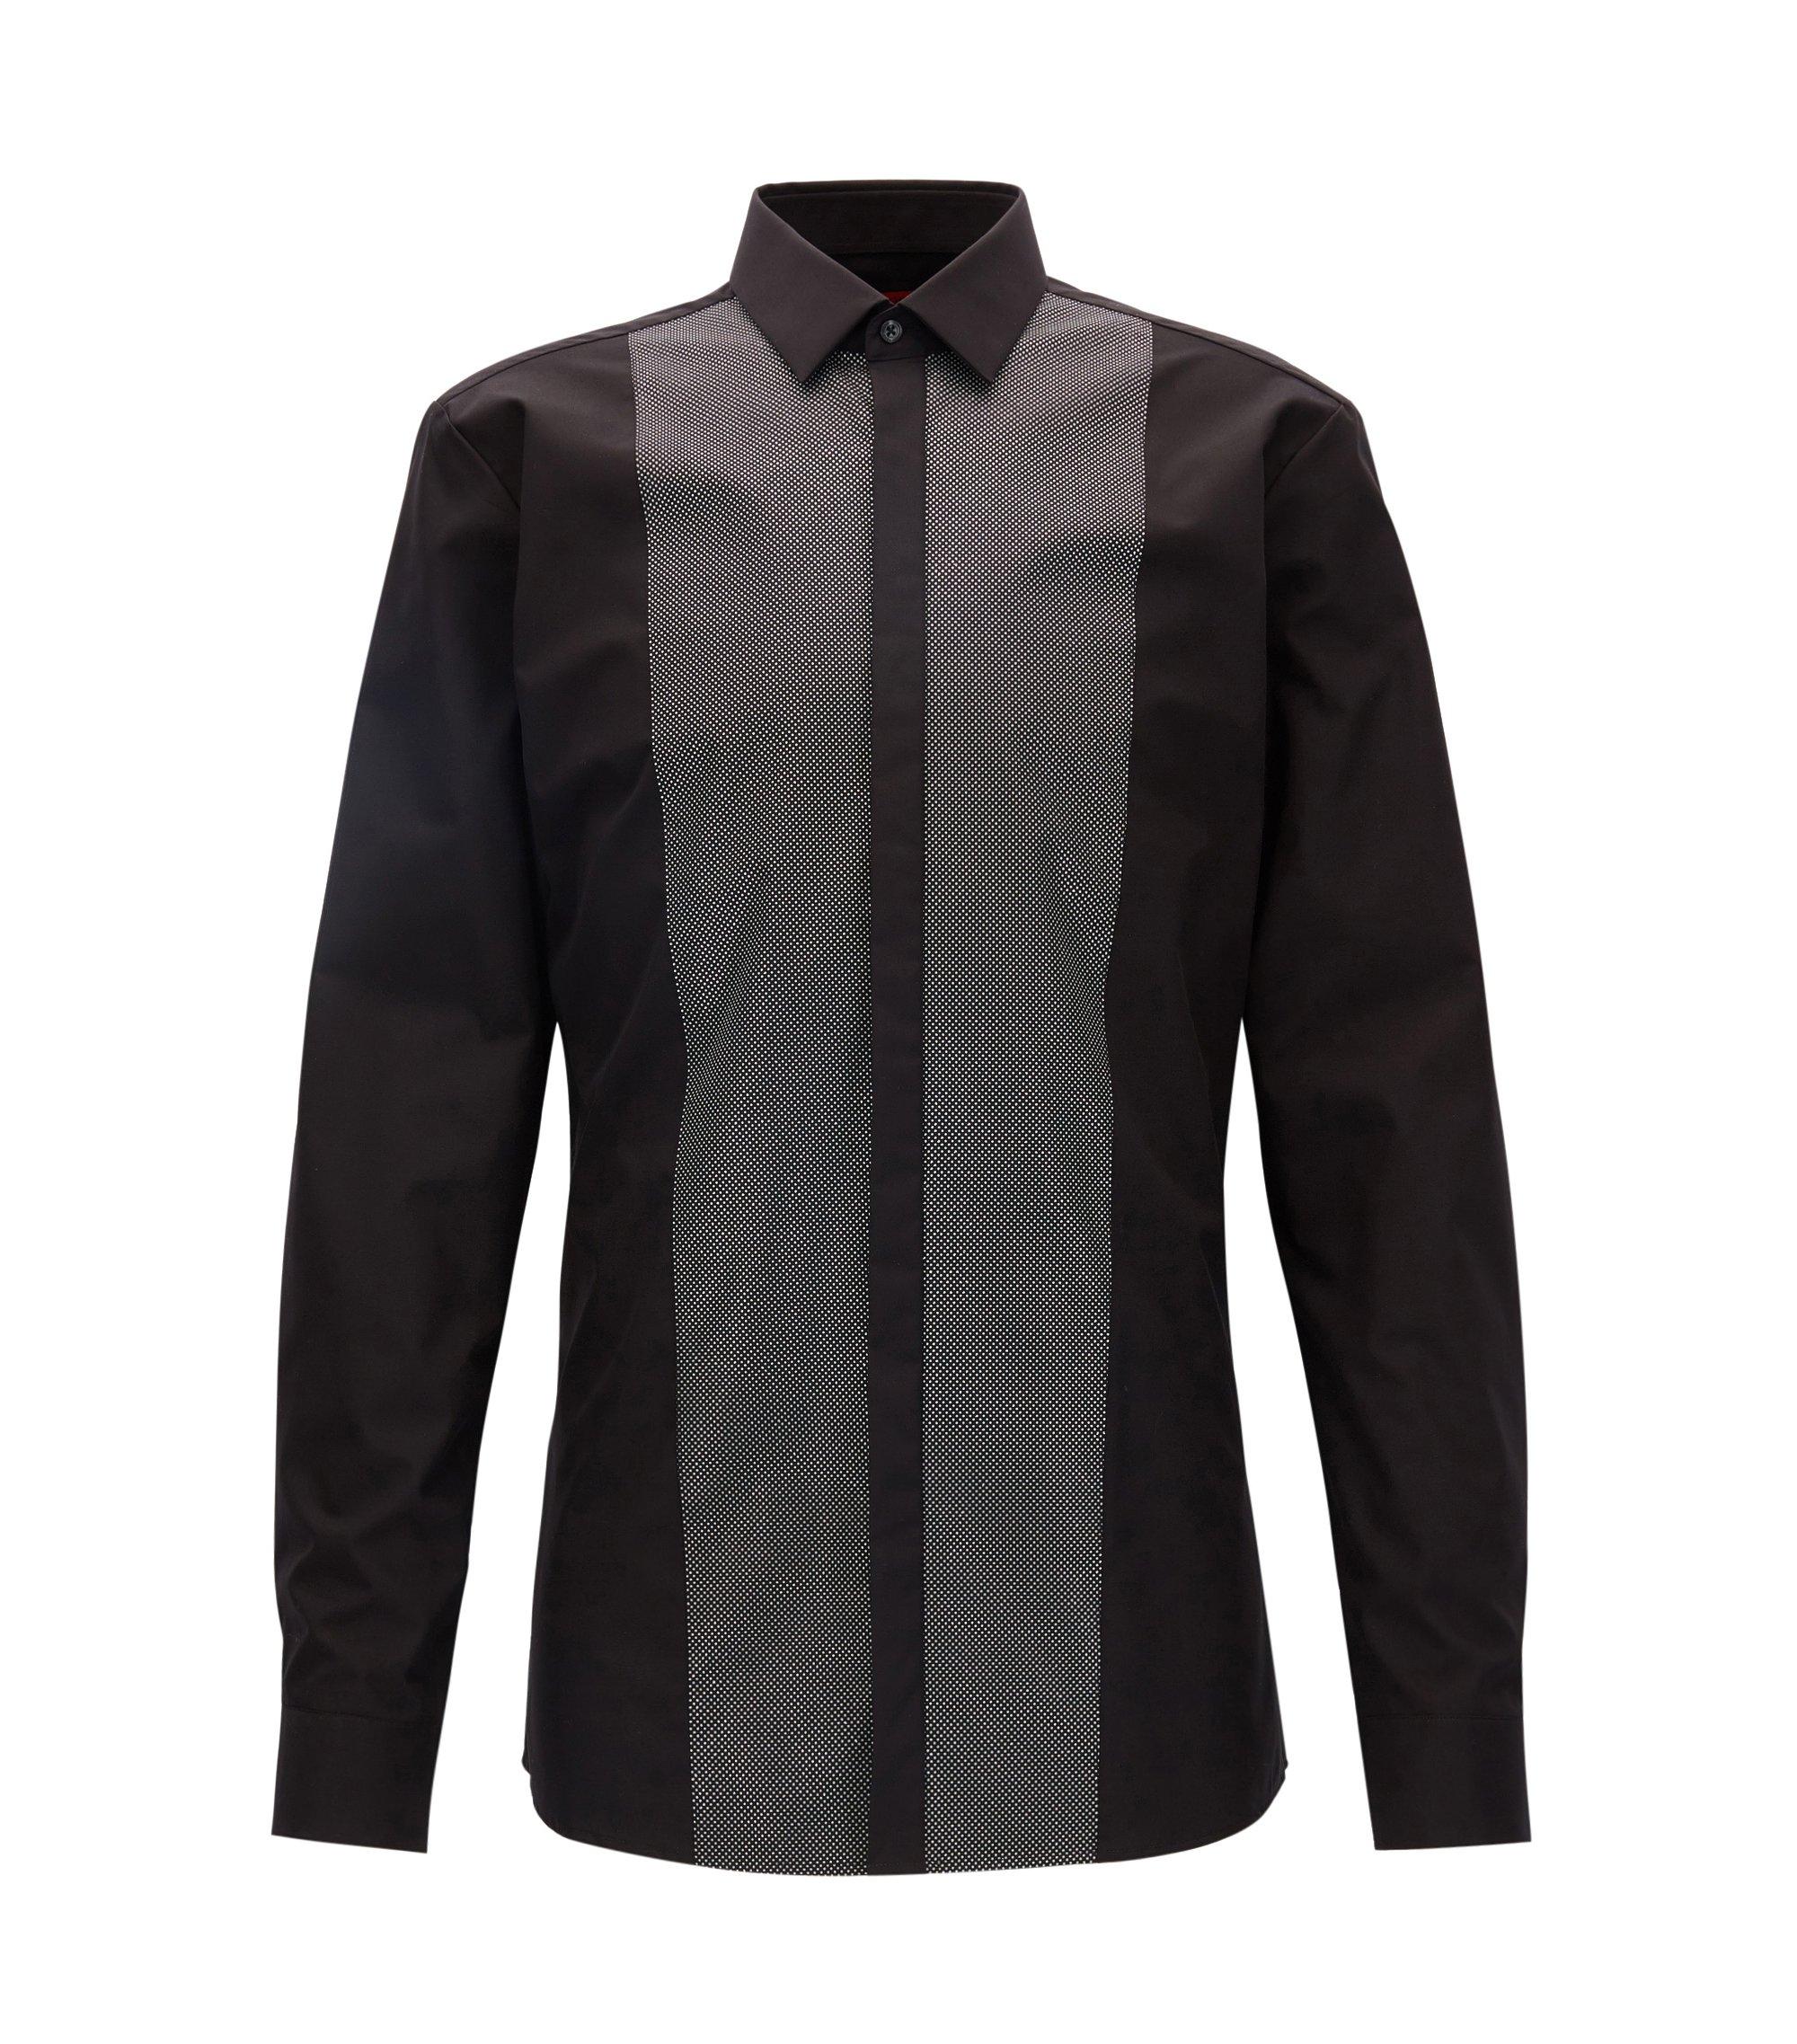 Camicia da smoking extra slim fit in cotone con pannelli a disegni sulla parte anteriore, Nero